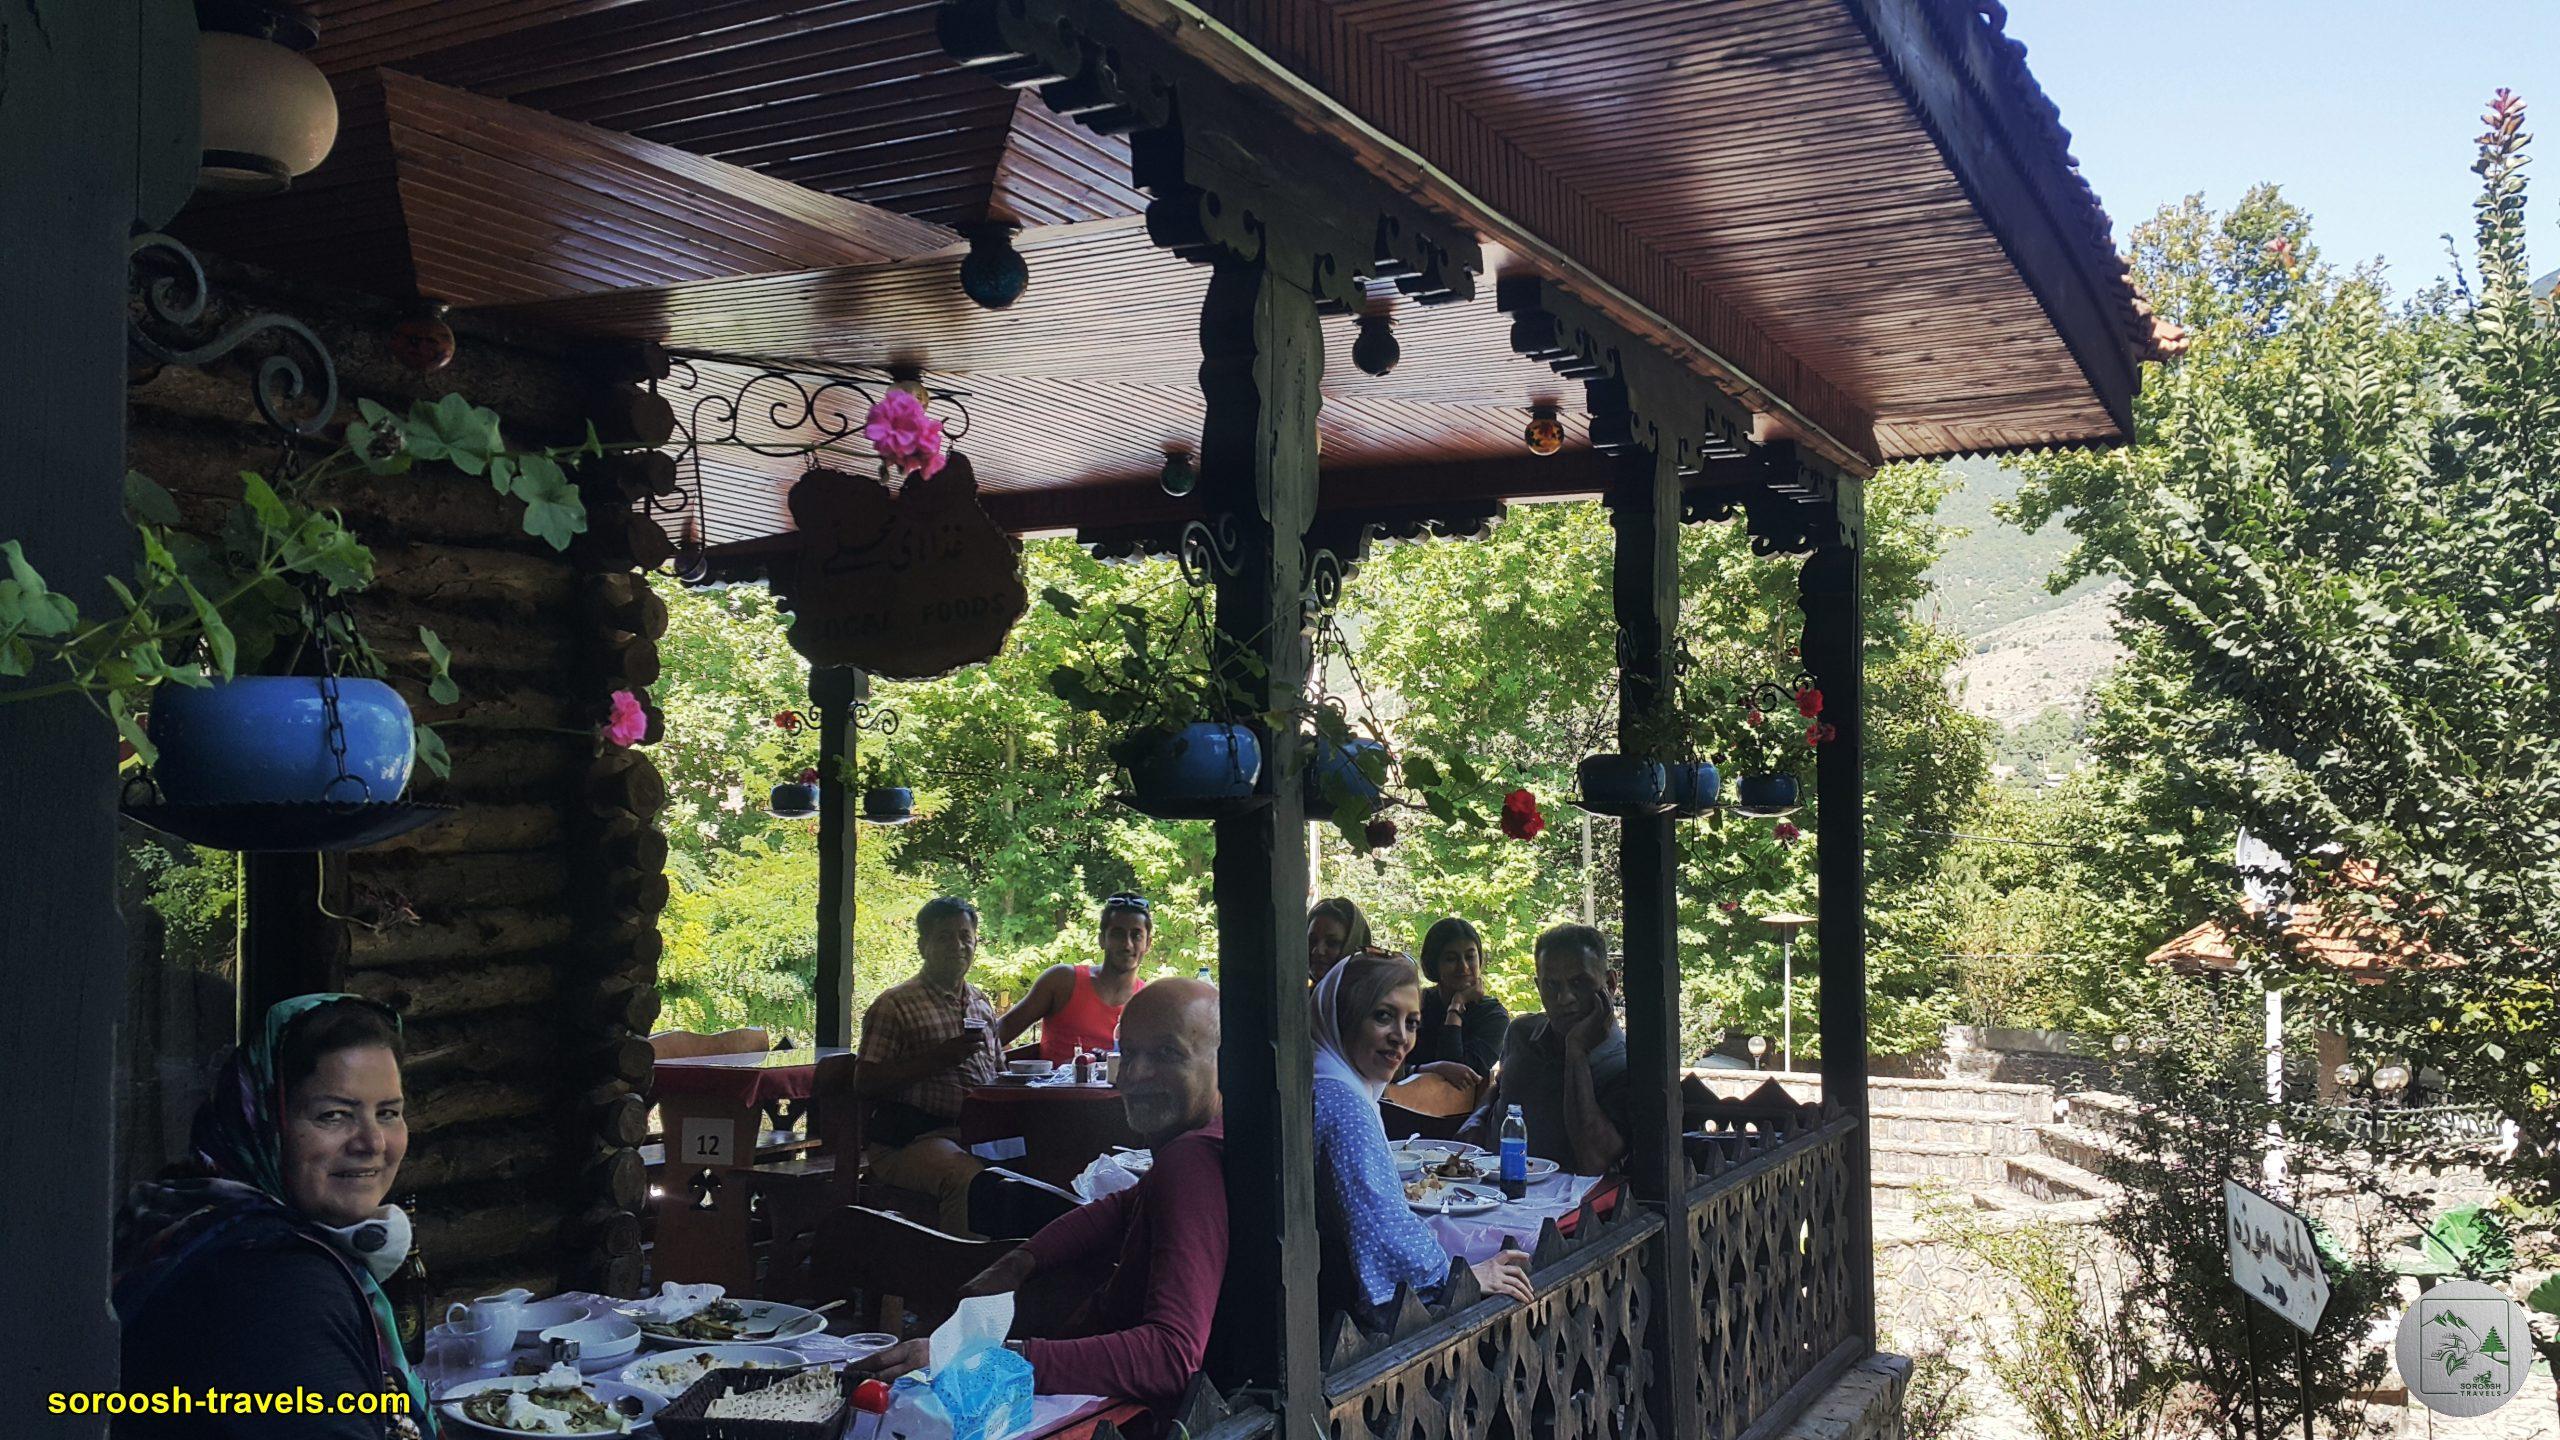 رستوران روستای کندلوس - تابستان 1399 - 2020